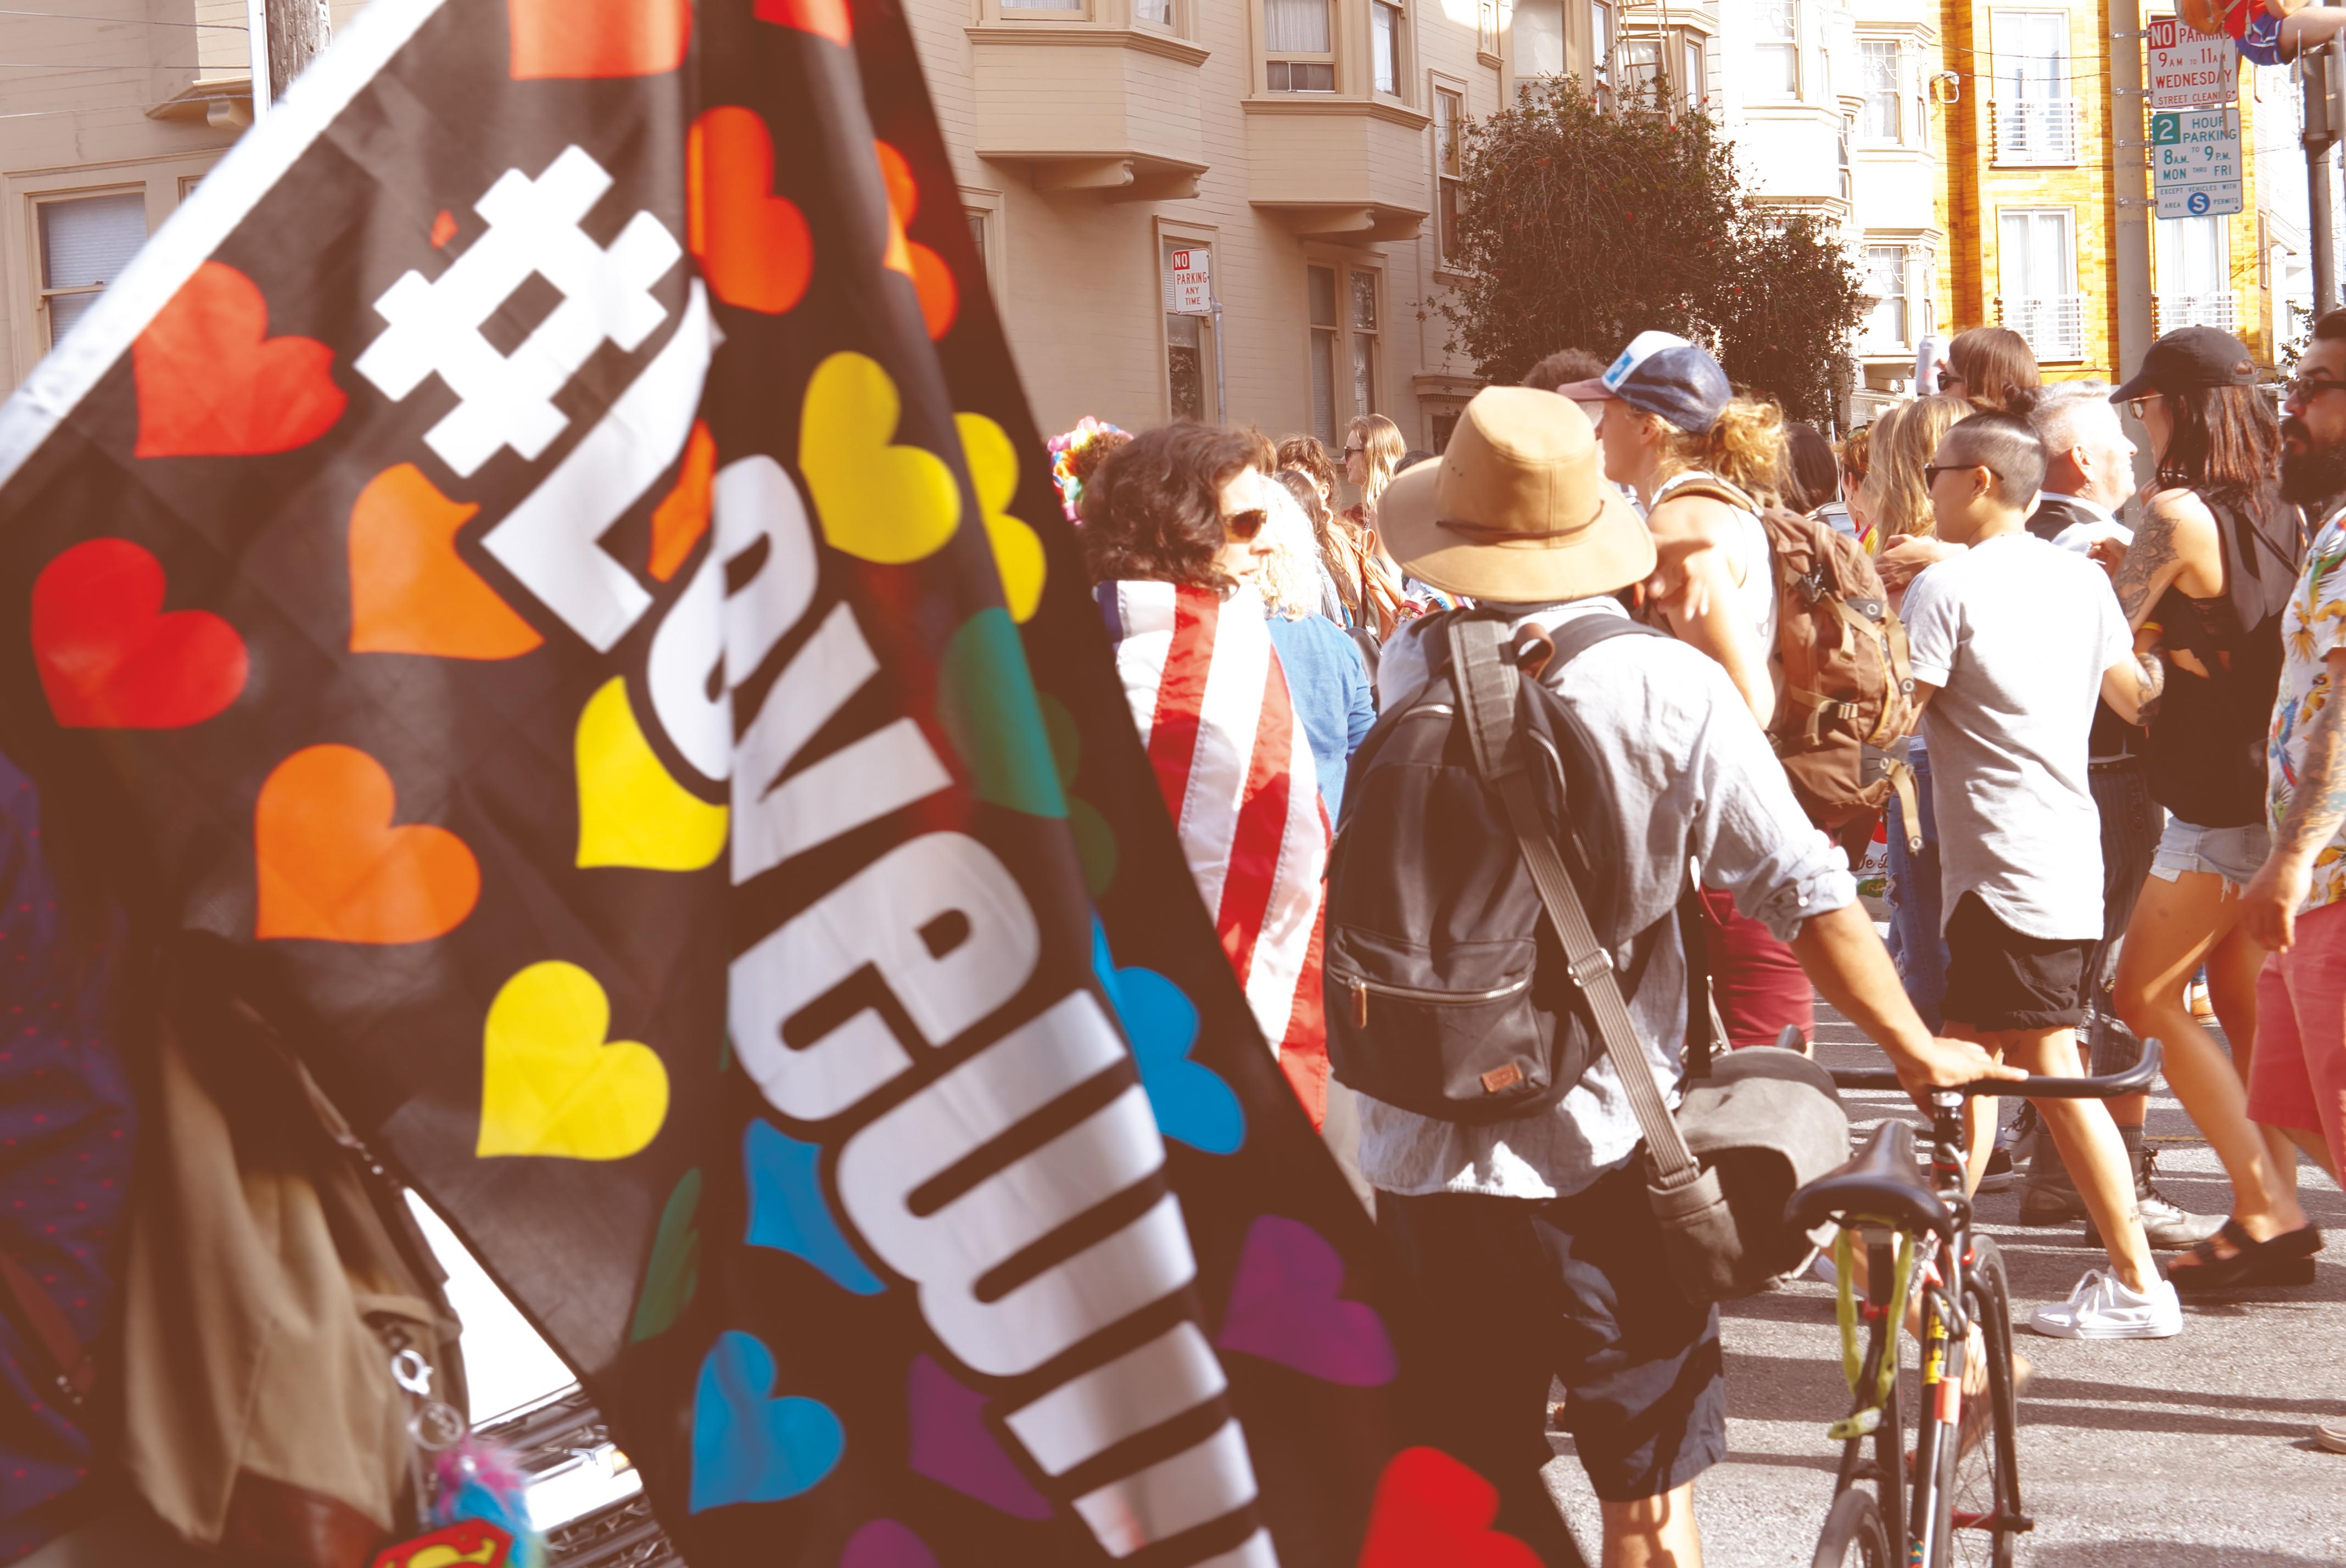 San Francisco Pride Parade 2017 Knelaquattro